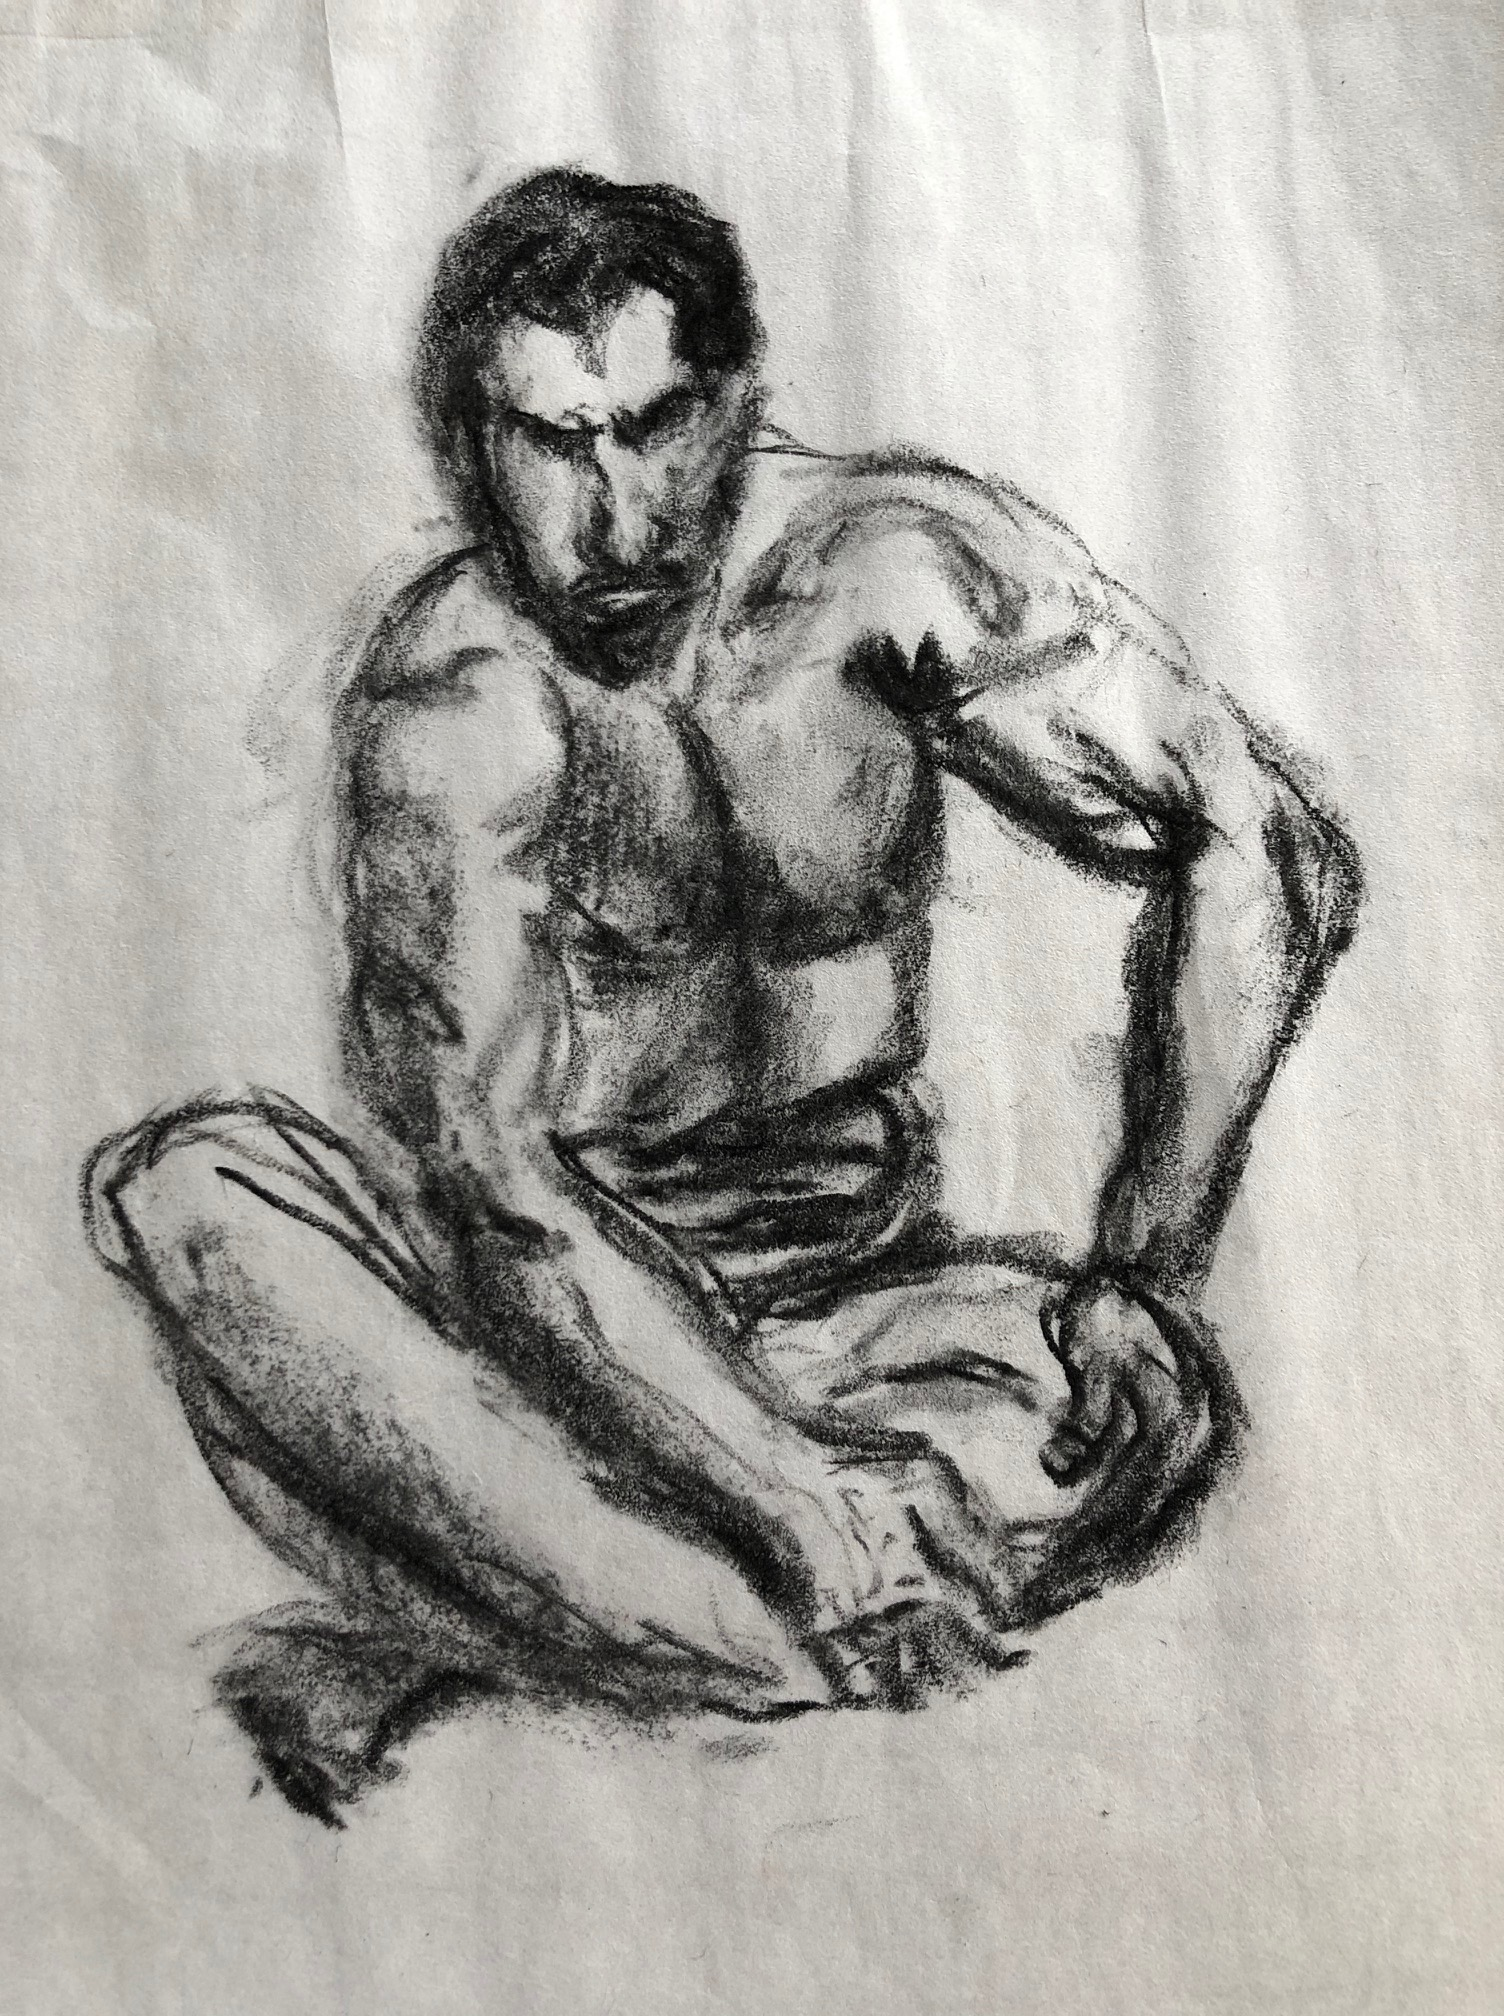 Homme assis fusain sur papier  cours de dessin